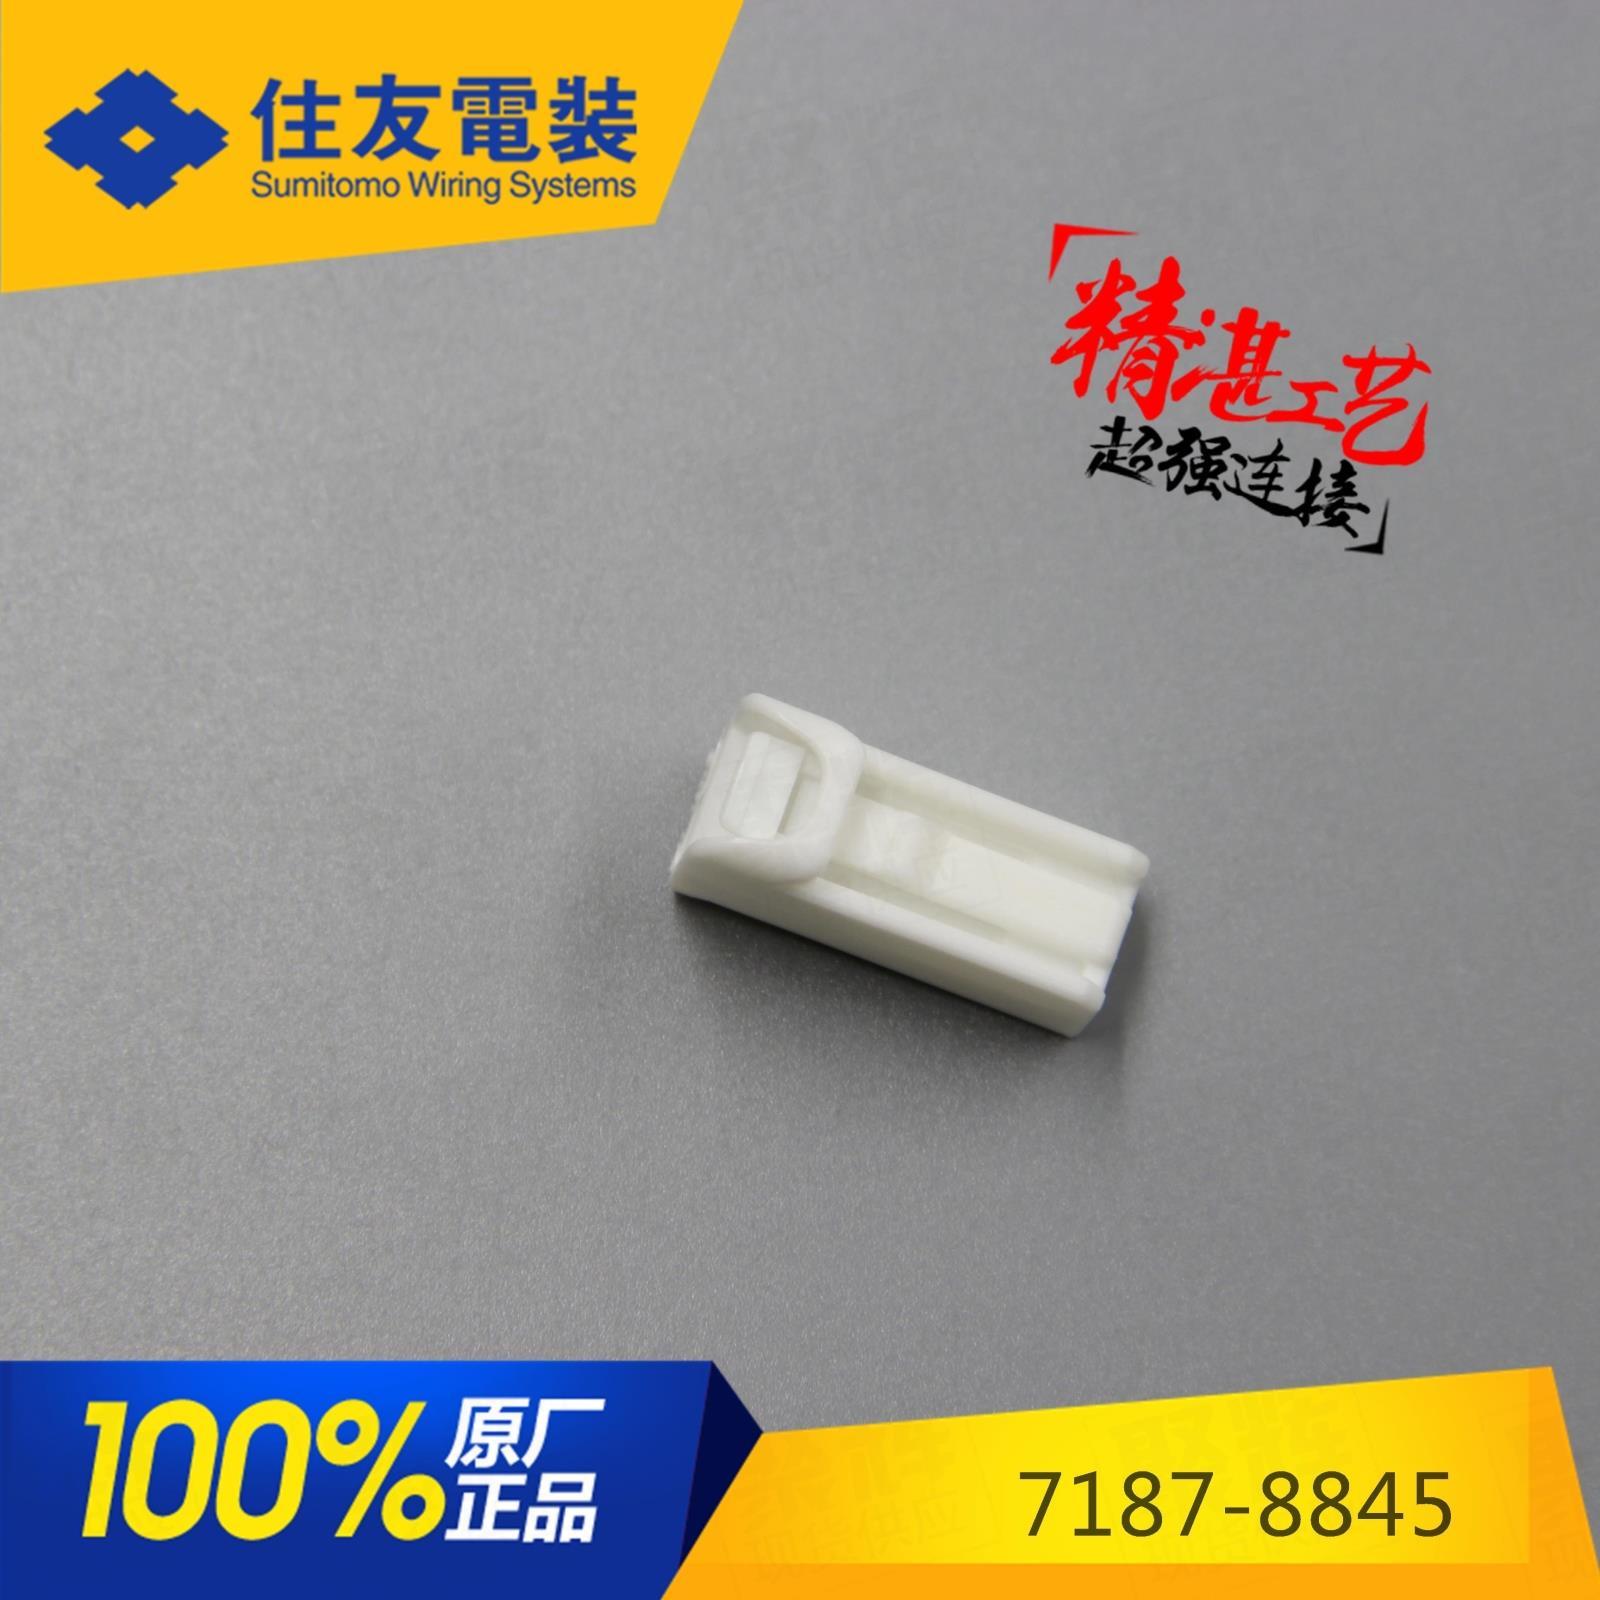 日本の住友コネクタプラグ7187-8845密封もとの工場の品質保証現物が急速に出荷